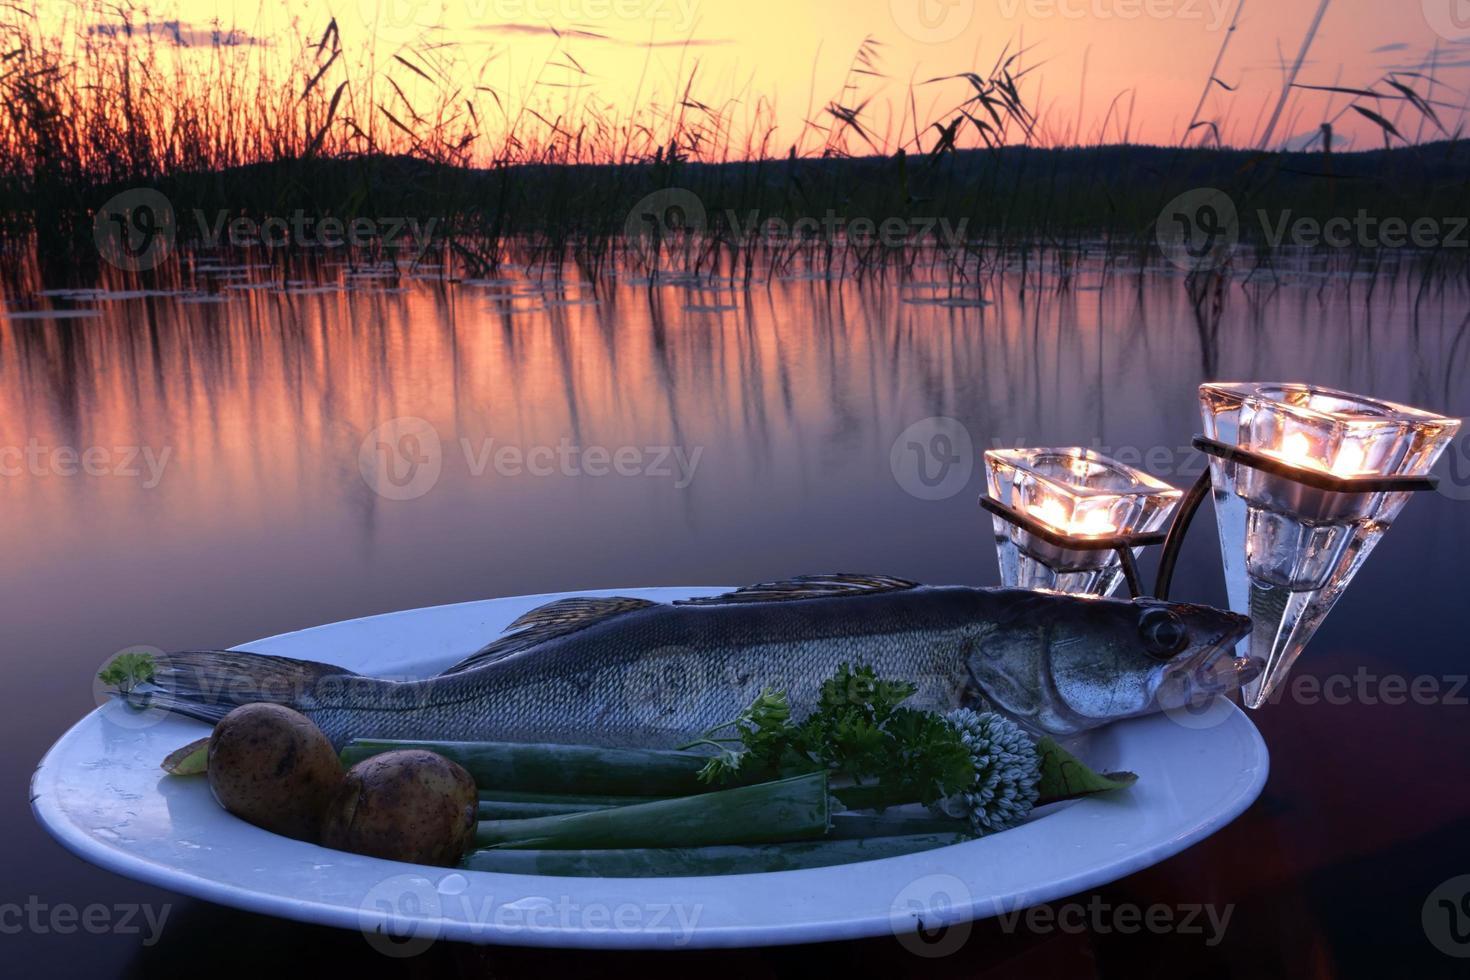 Fische fangen auf einem Teller über Wasser am See foto